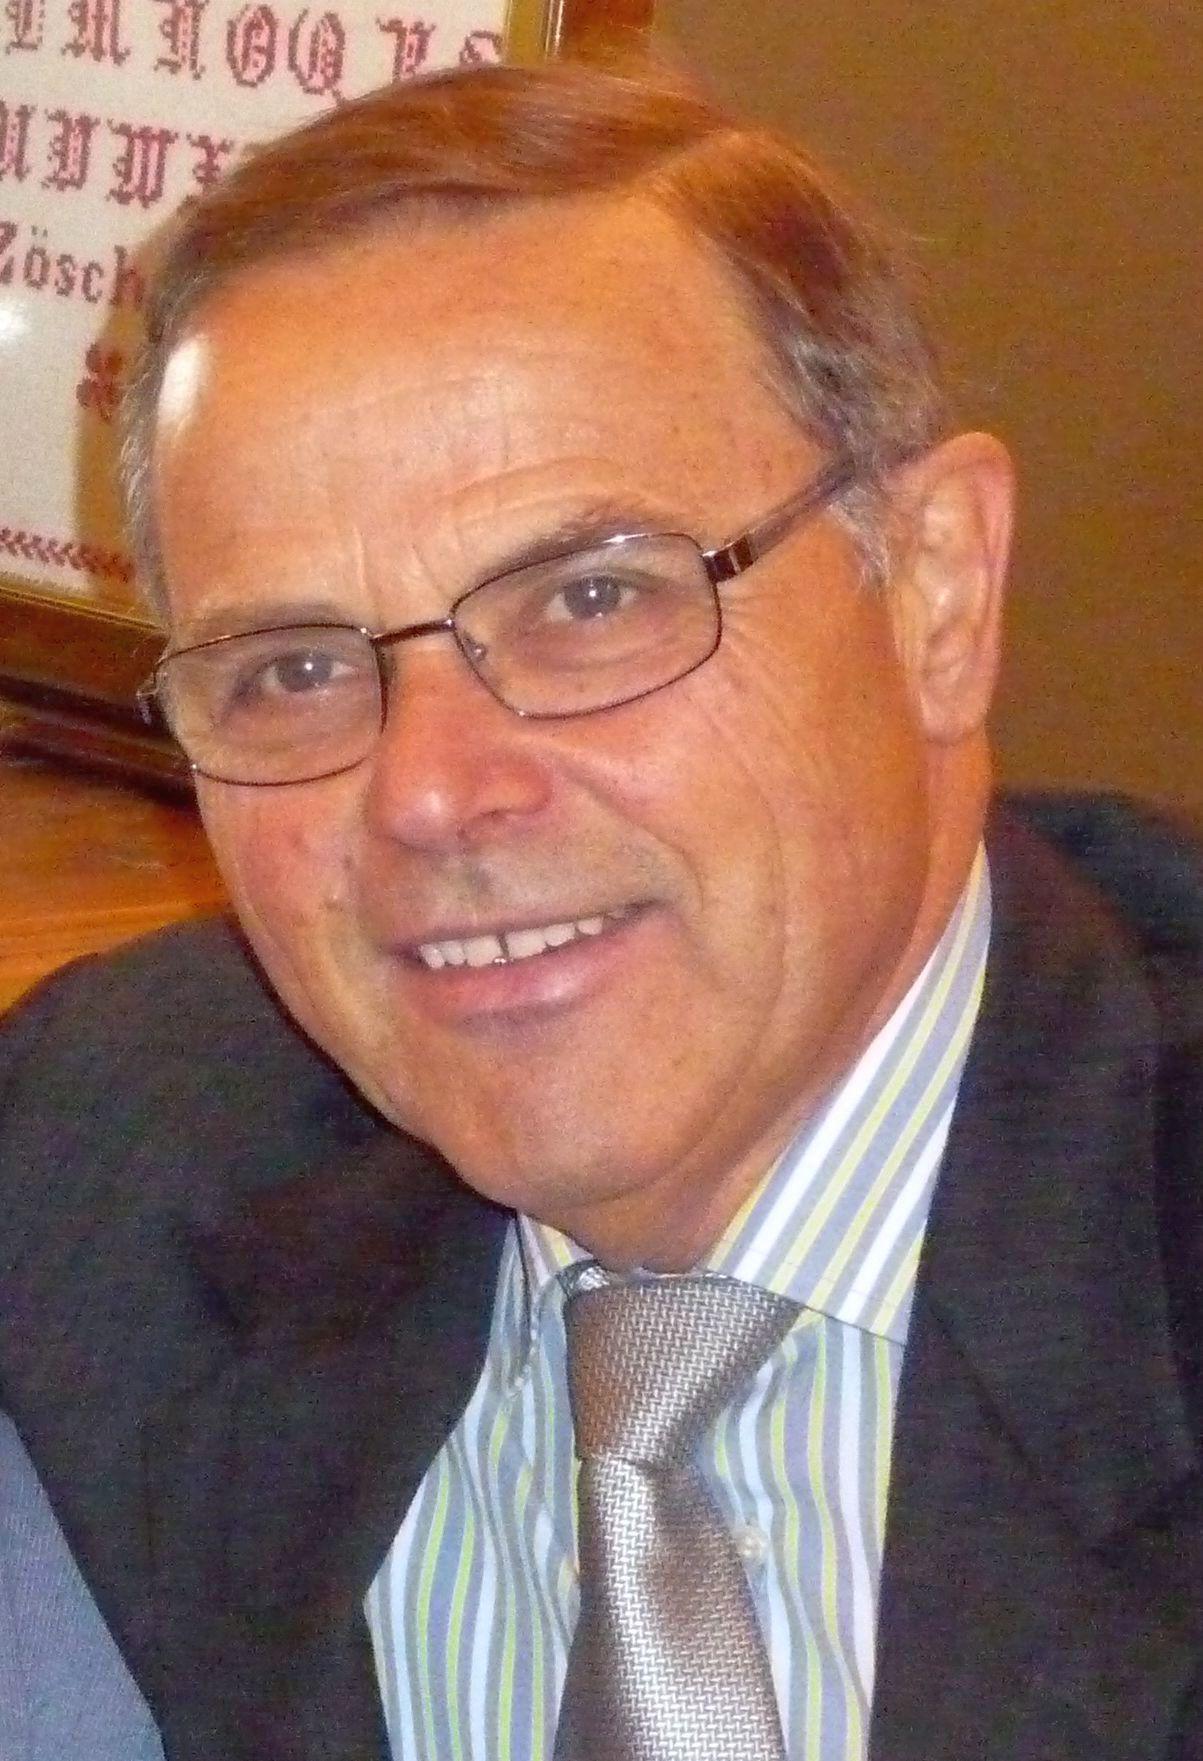 Dr. Johann Passler